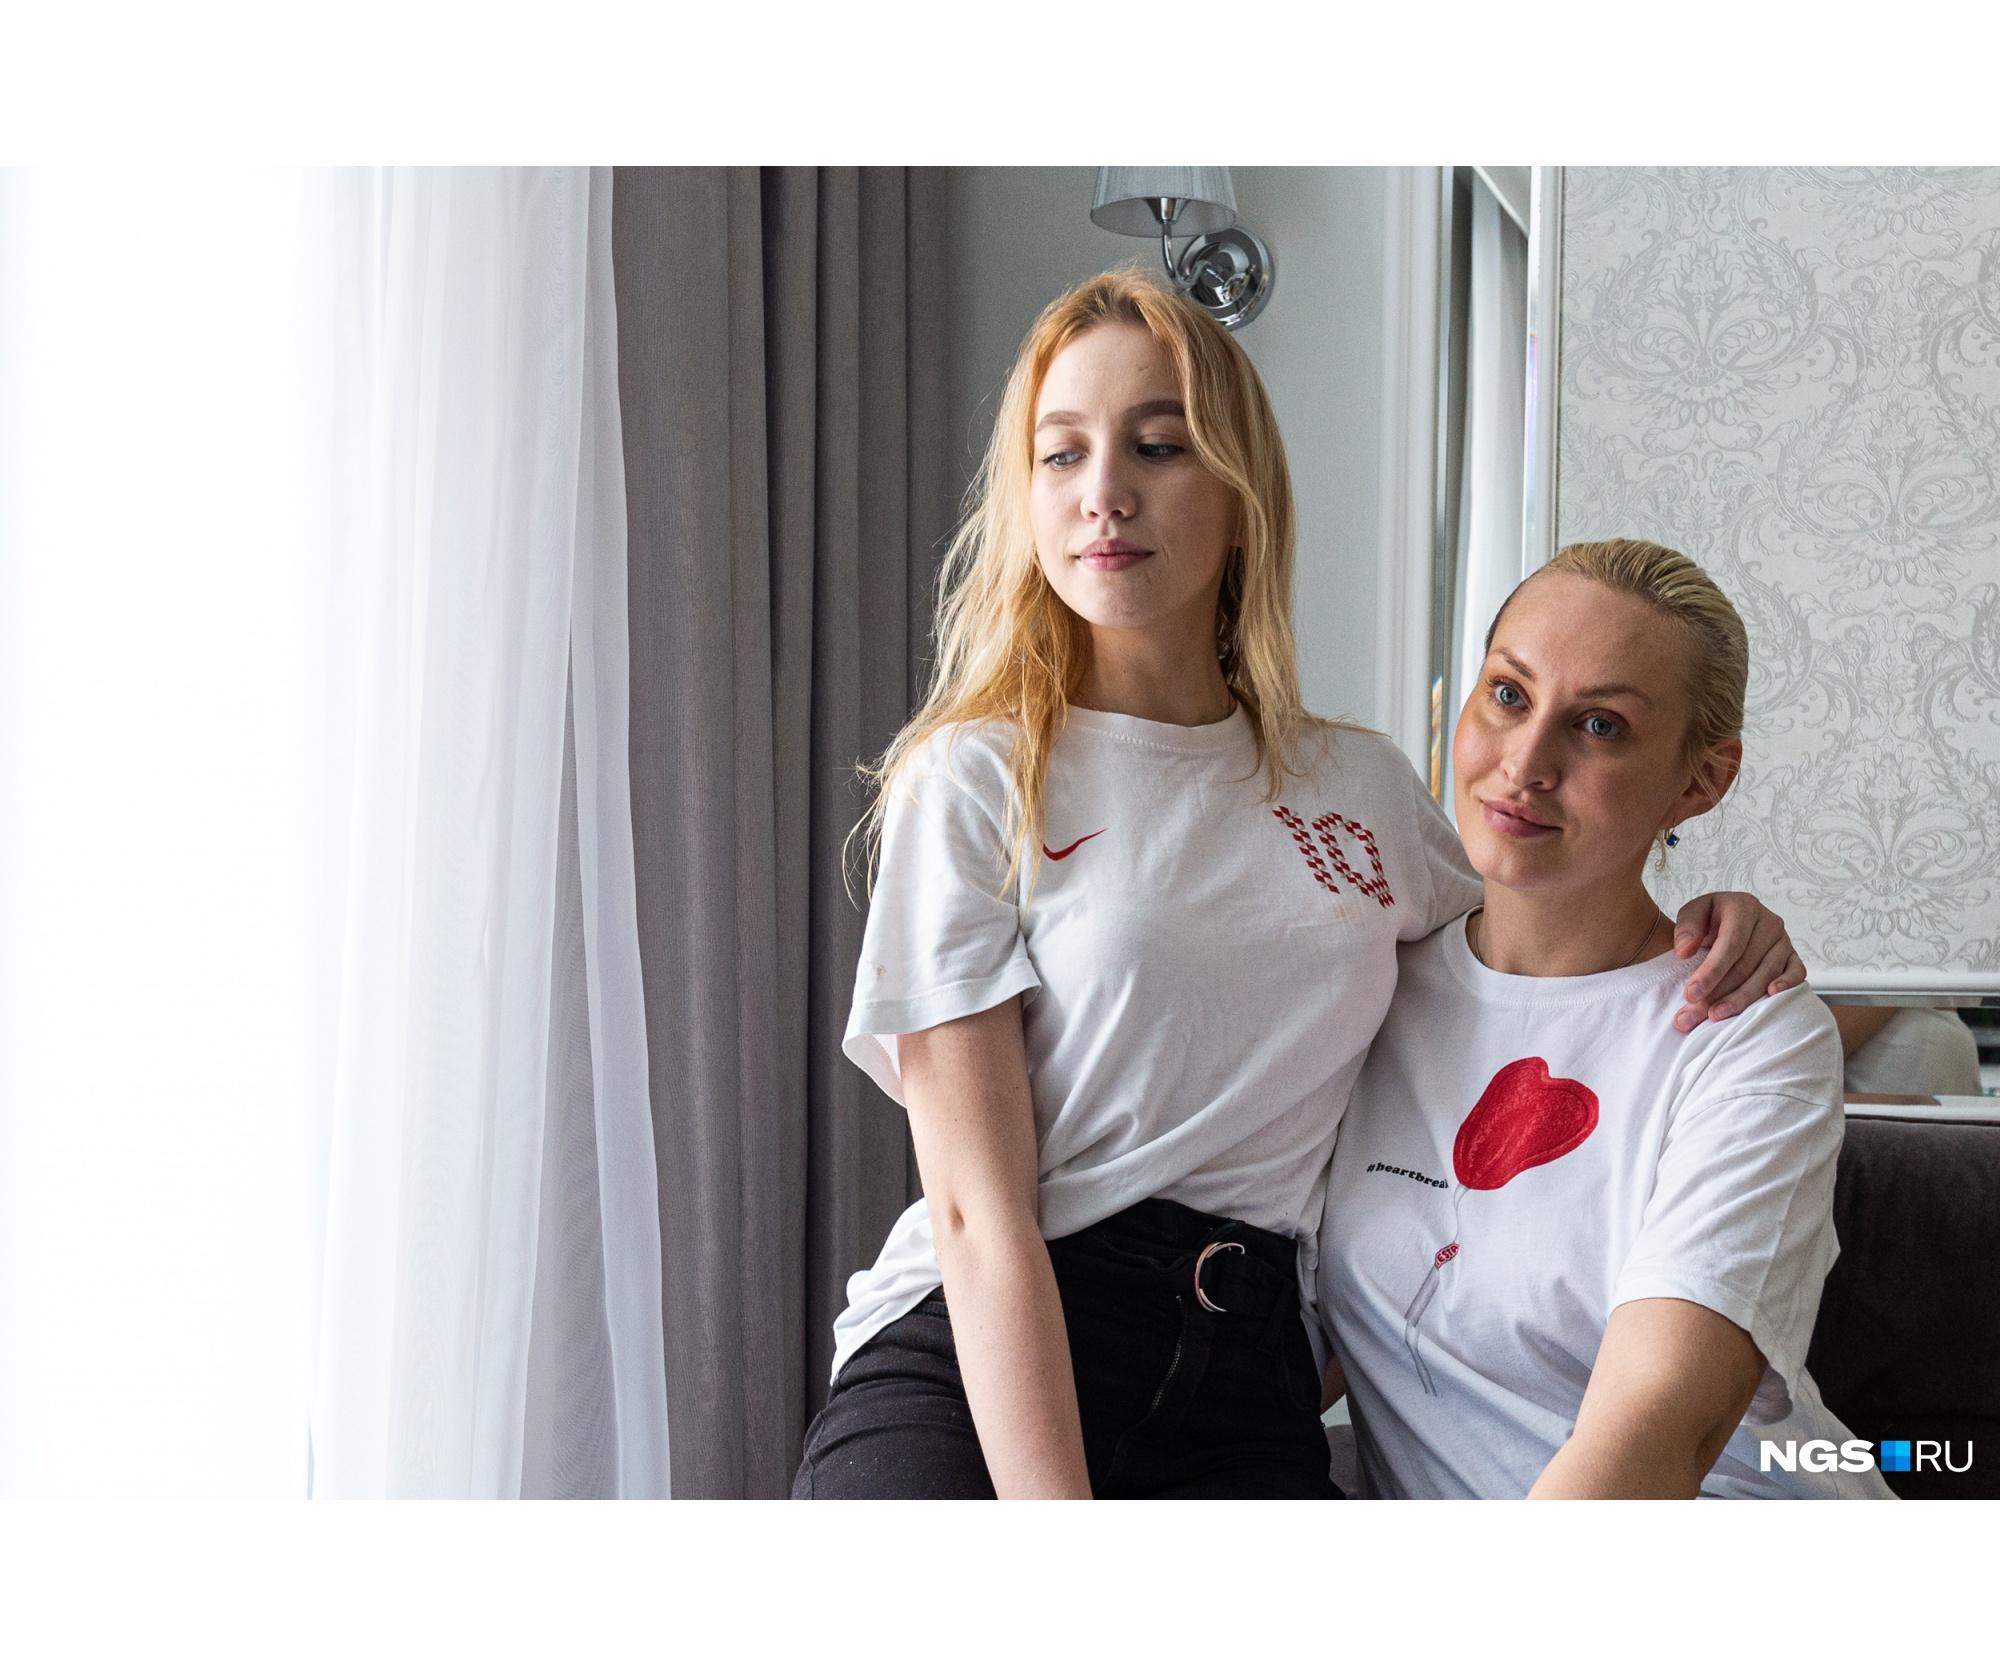 Виктория и Настя смотрят в будущее оптимистично. Главное, чтобы всегда был доступ к лекарствам, которые помогают поддерживать здоровье девушки